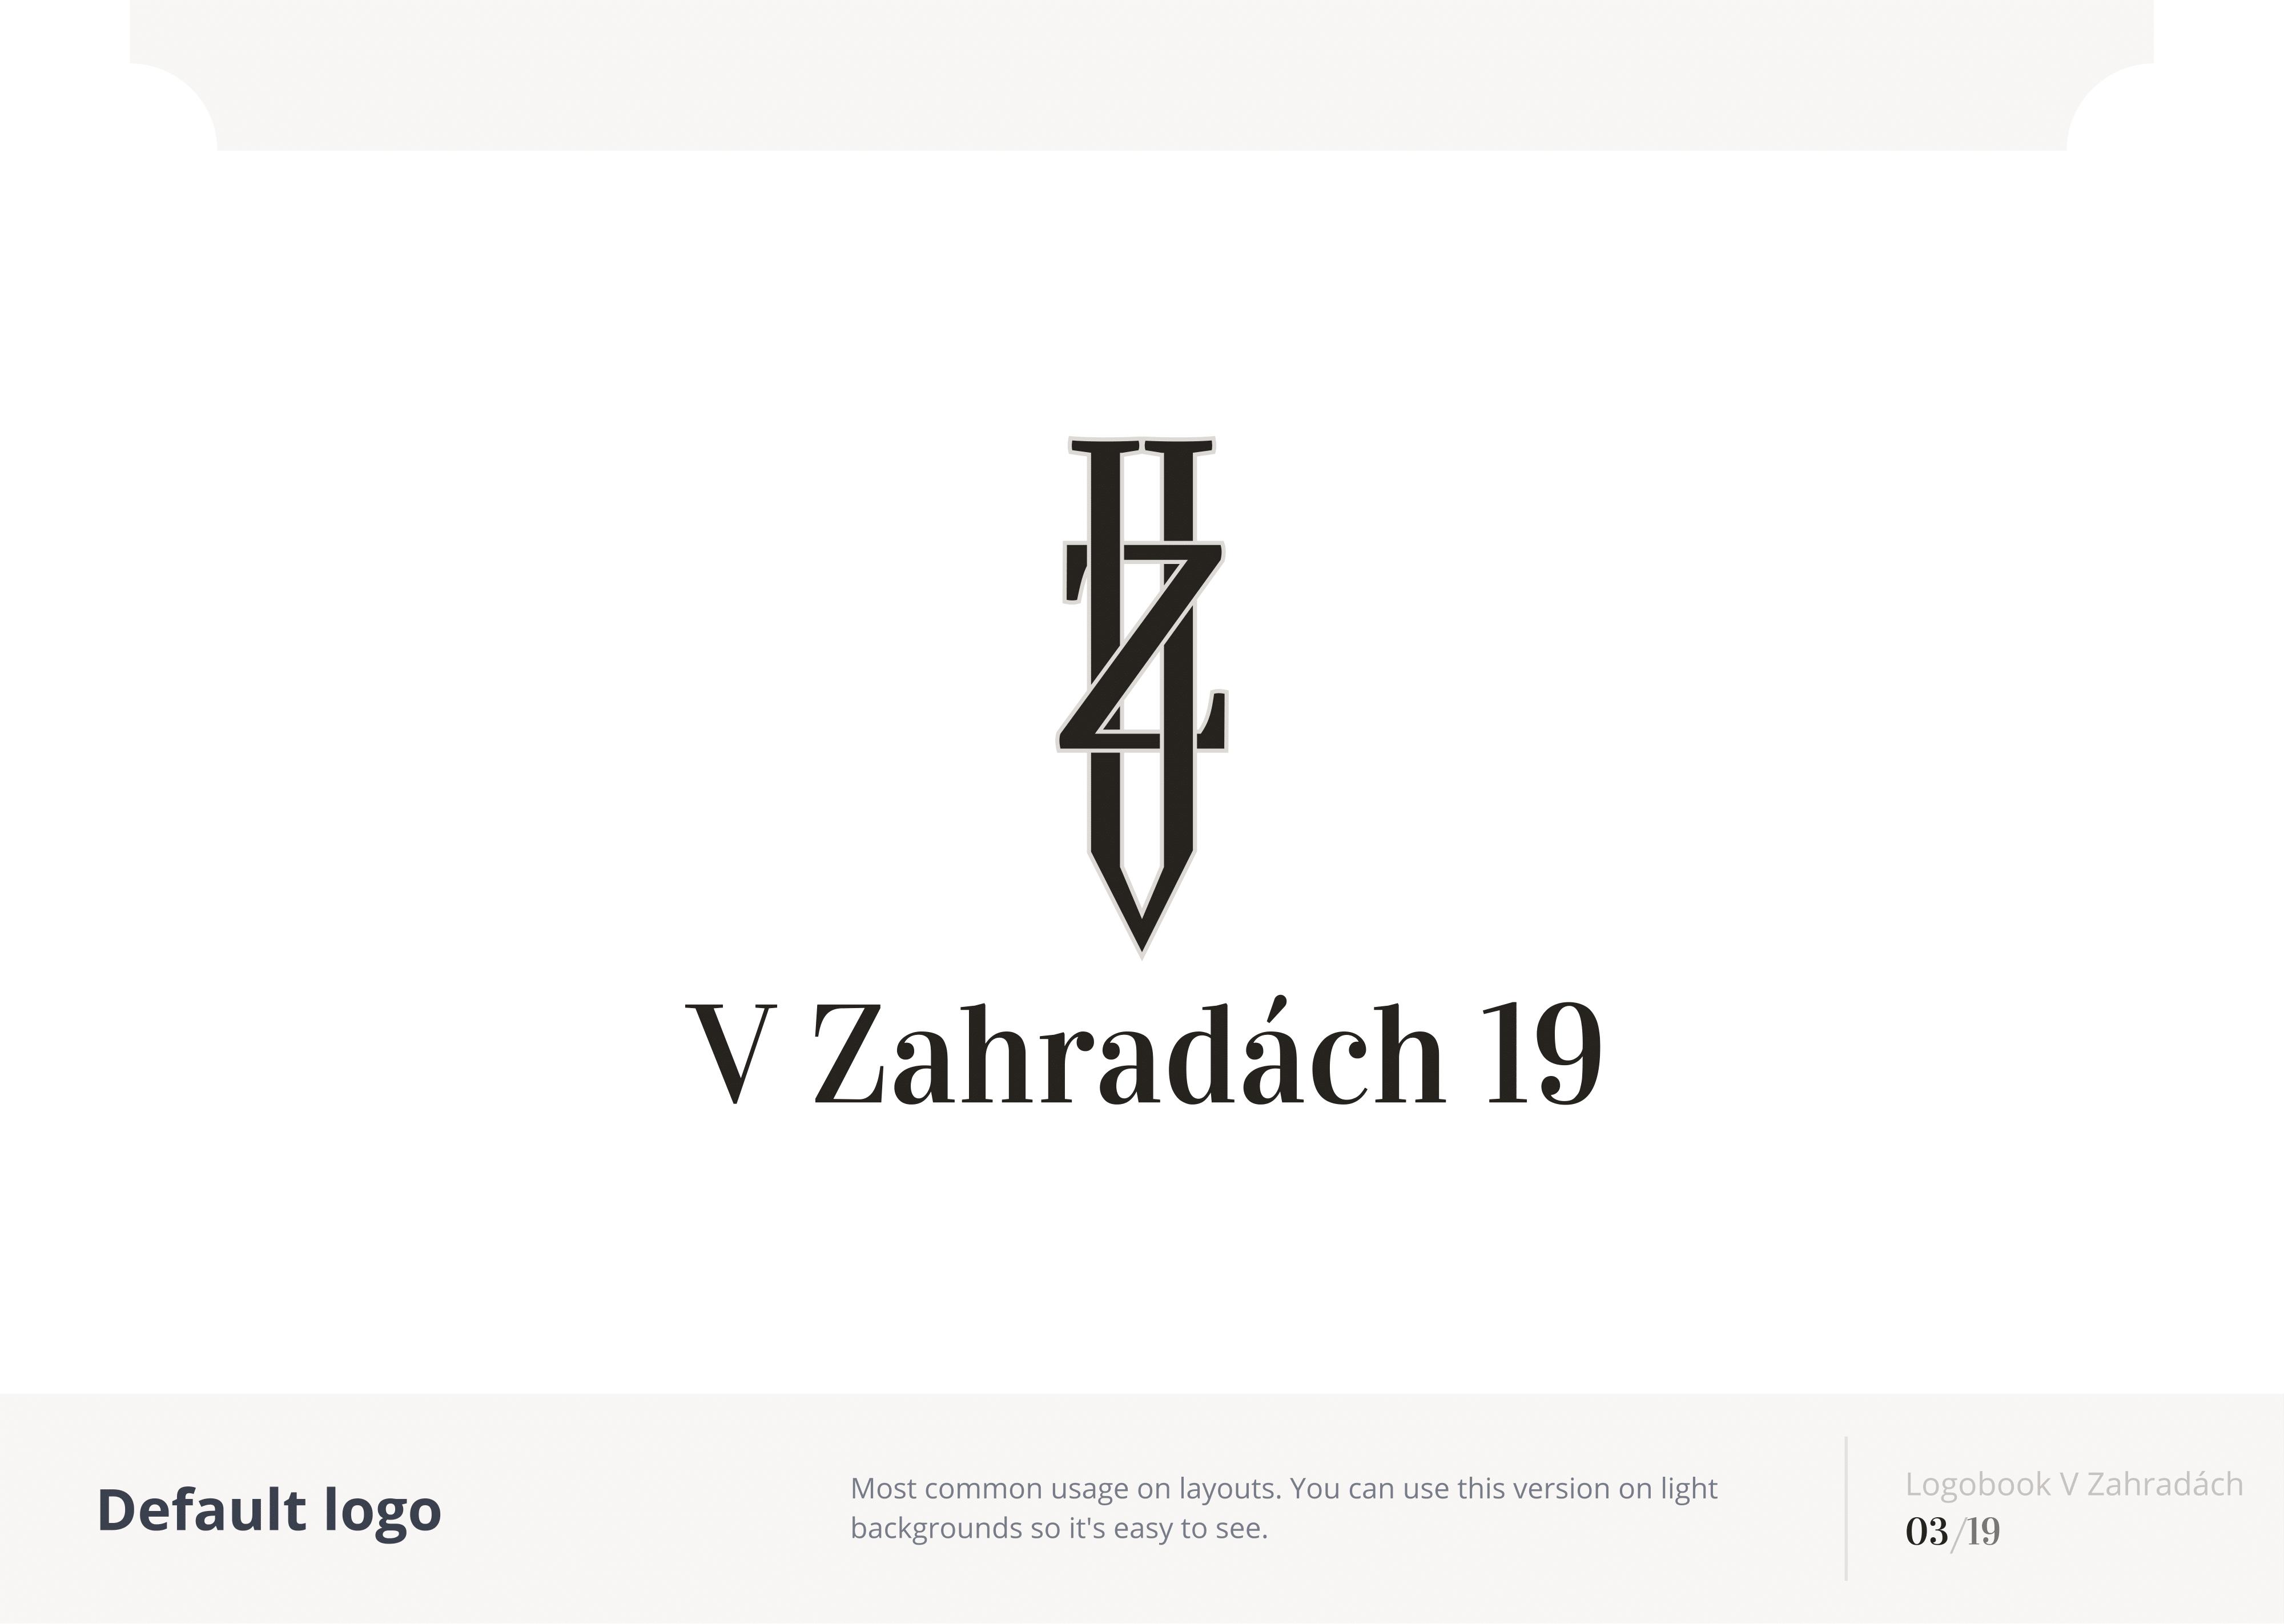 V_Zahradach_19_(Logobook)_2021-03